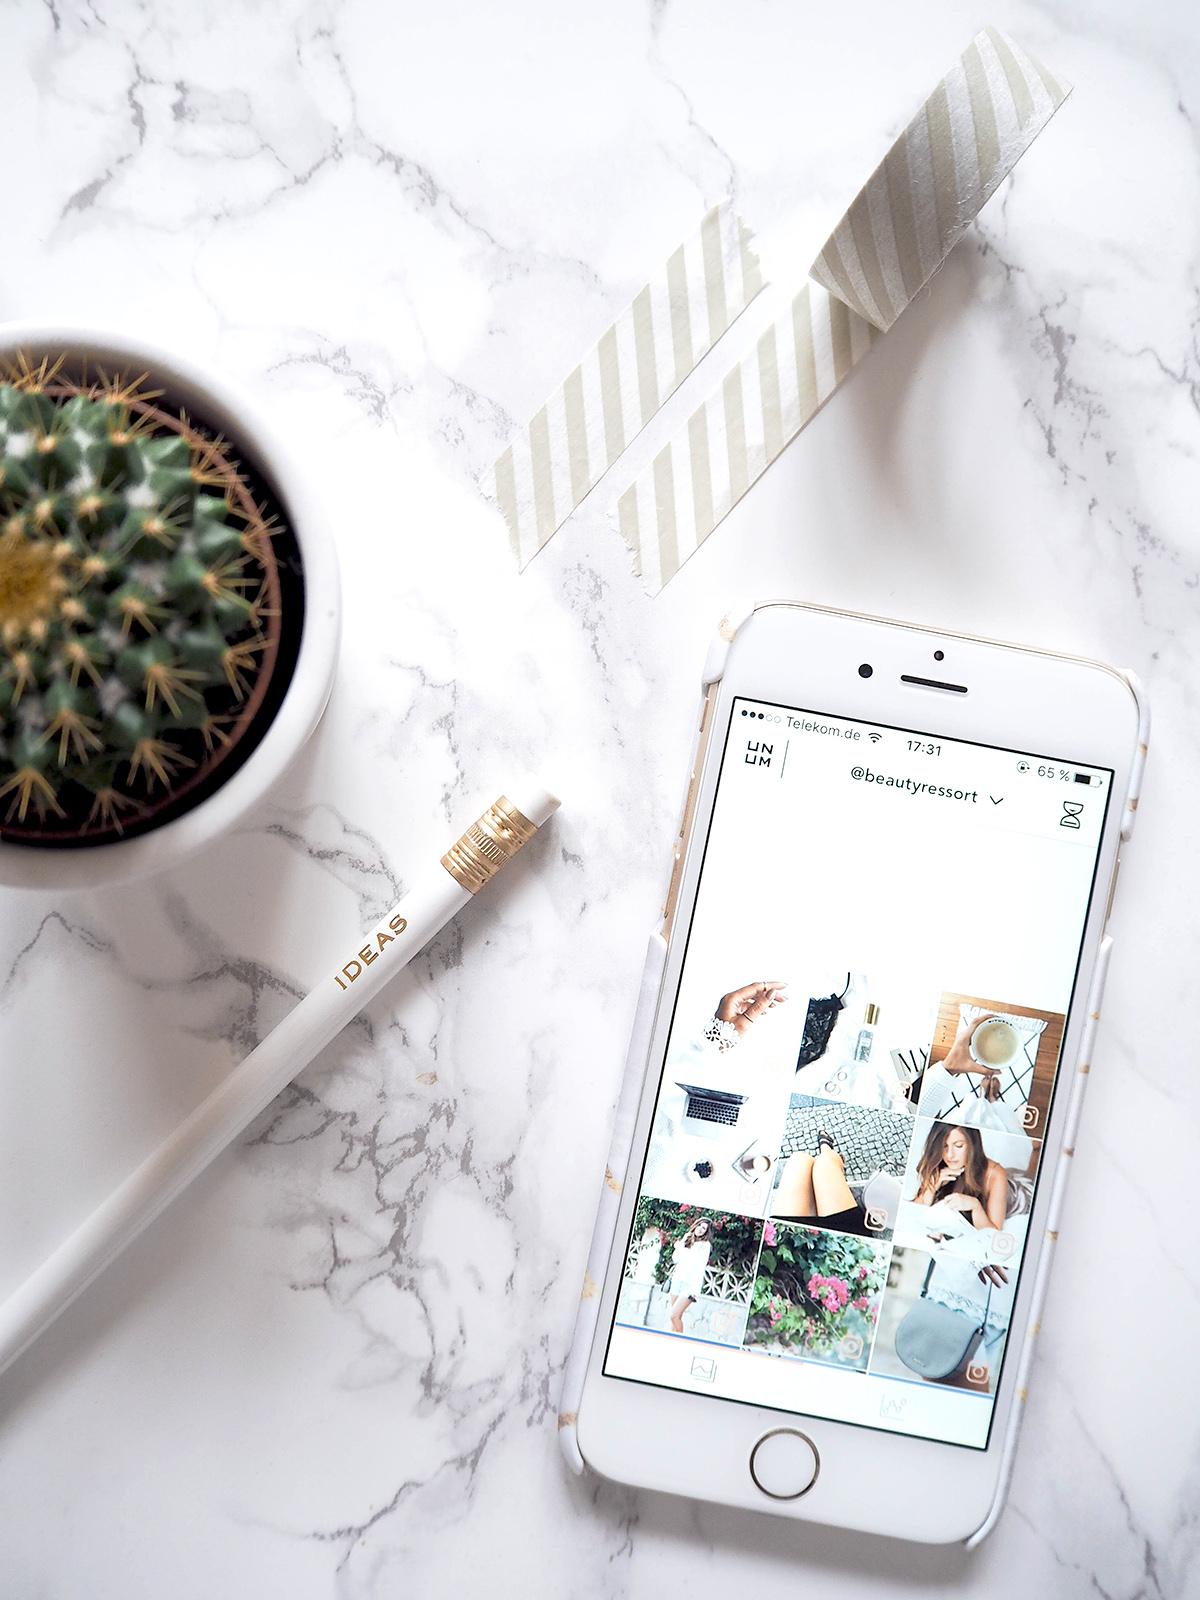 unum-app-instagram-beautyressort